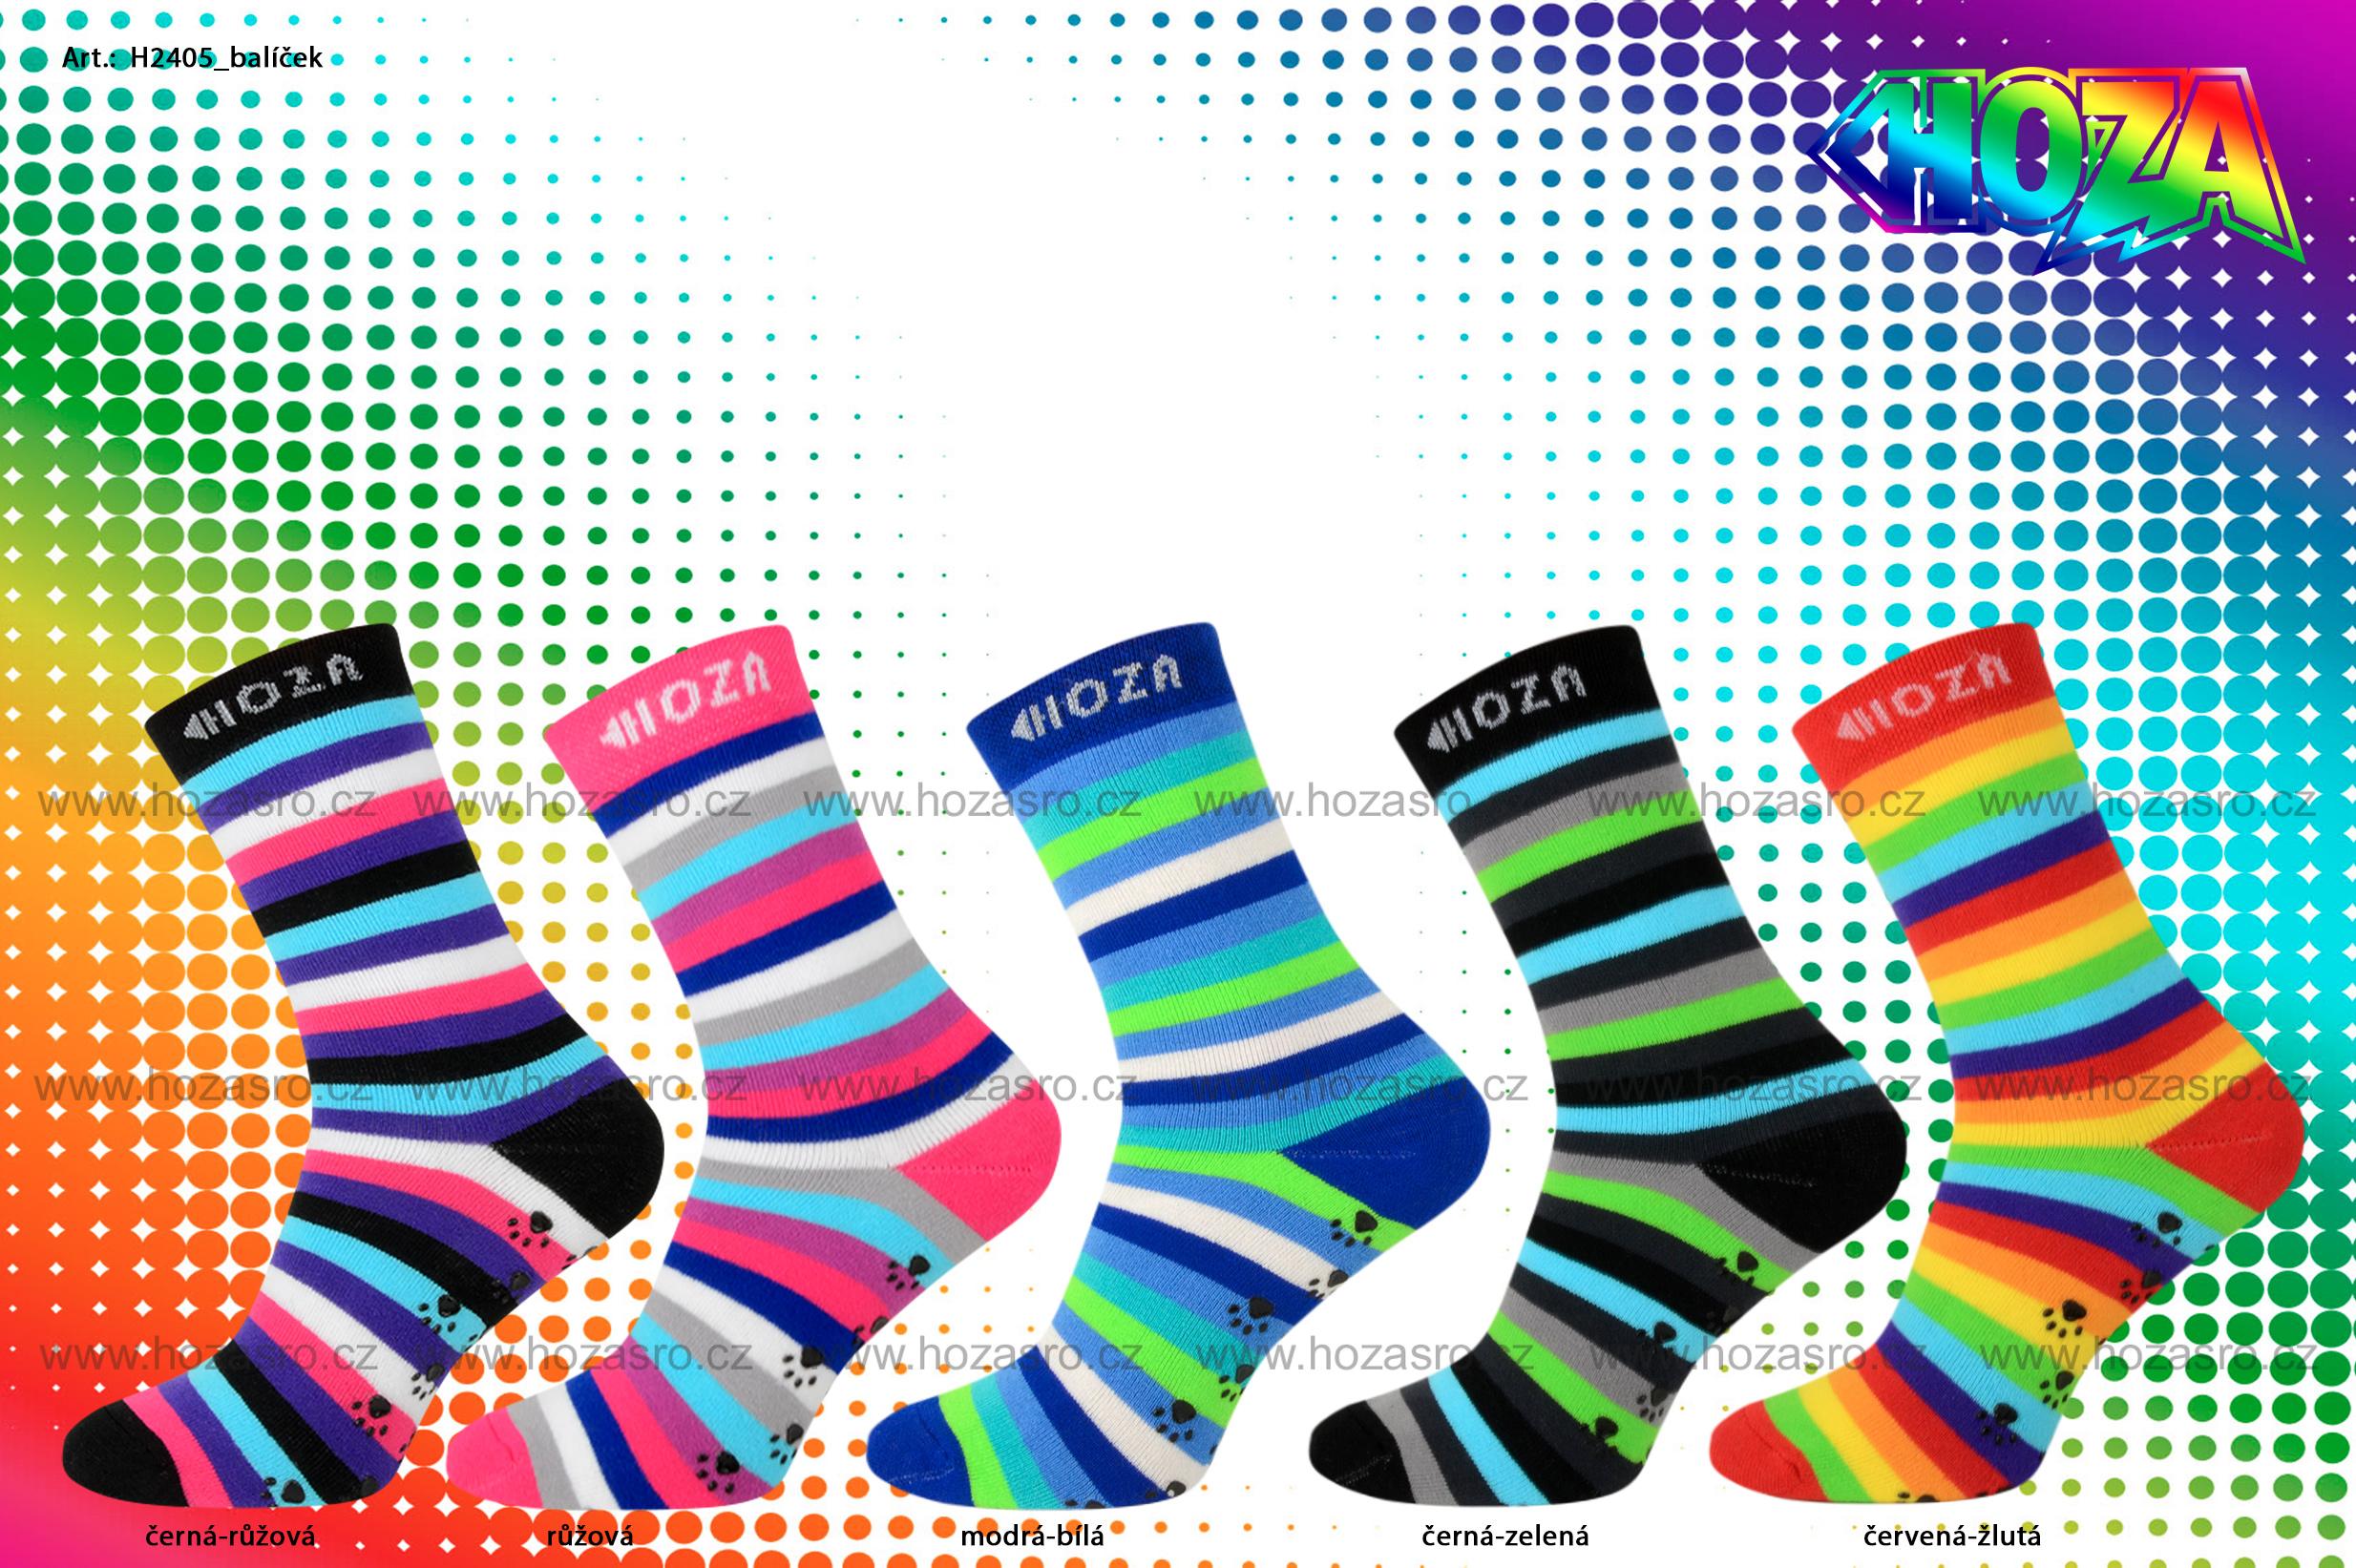 Ponožky pro dospělé - 9036502977